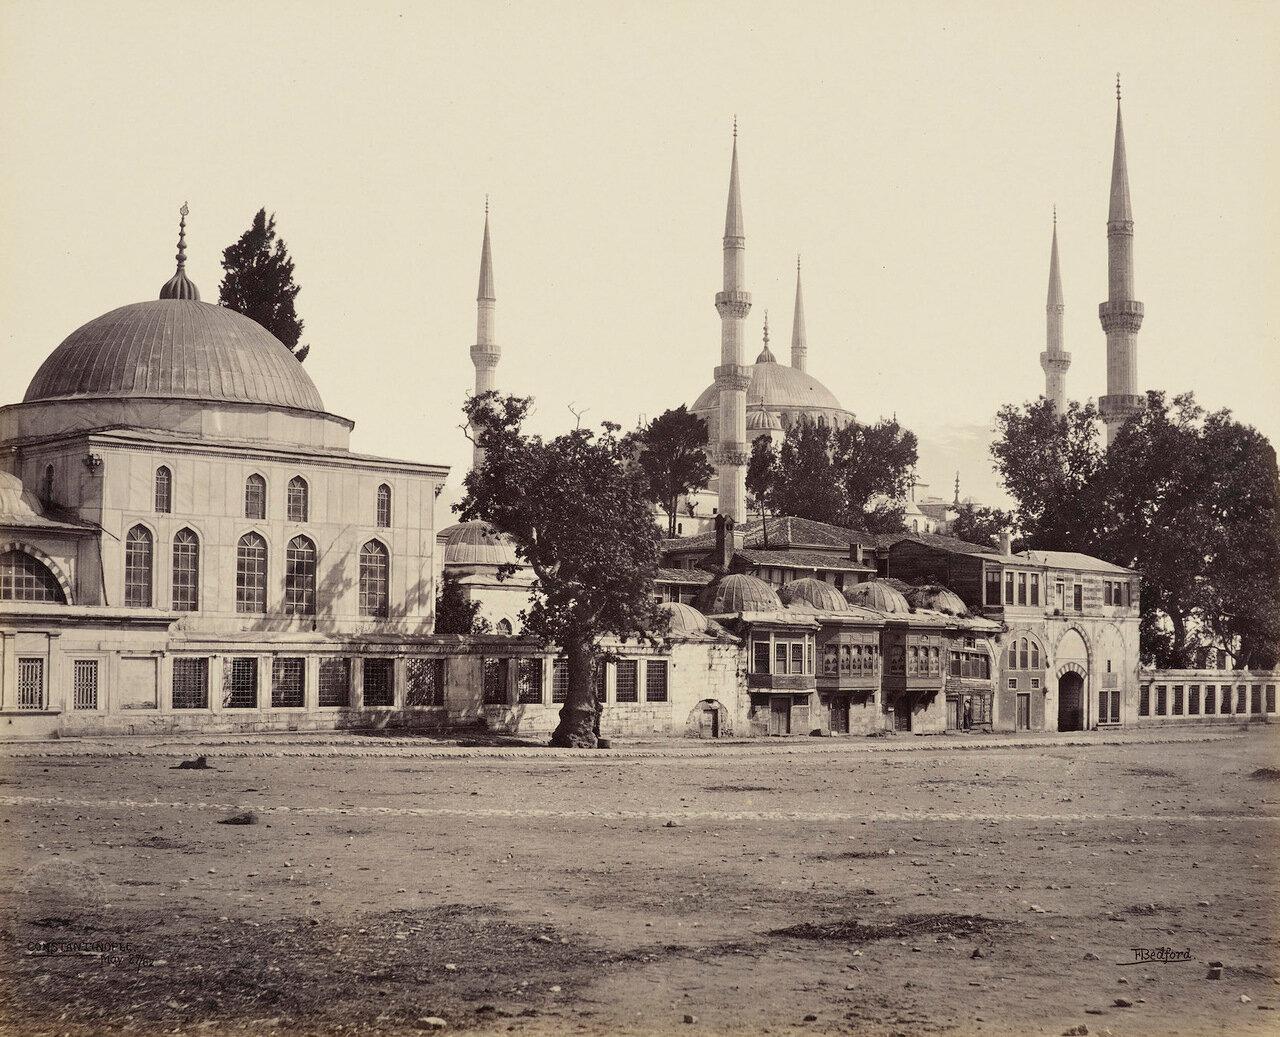 27 мая 1862. Мечеть Султана Ахмеда, известная как Голубая мечеть, Константинополь